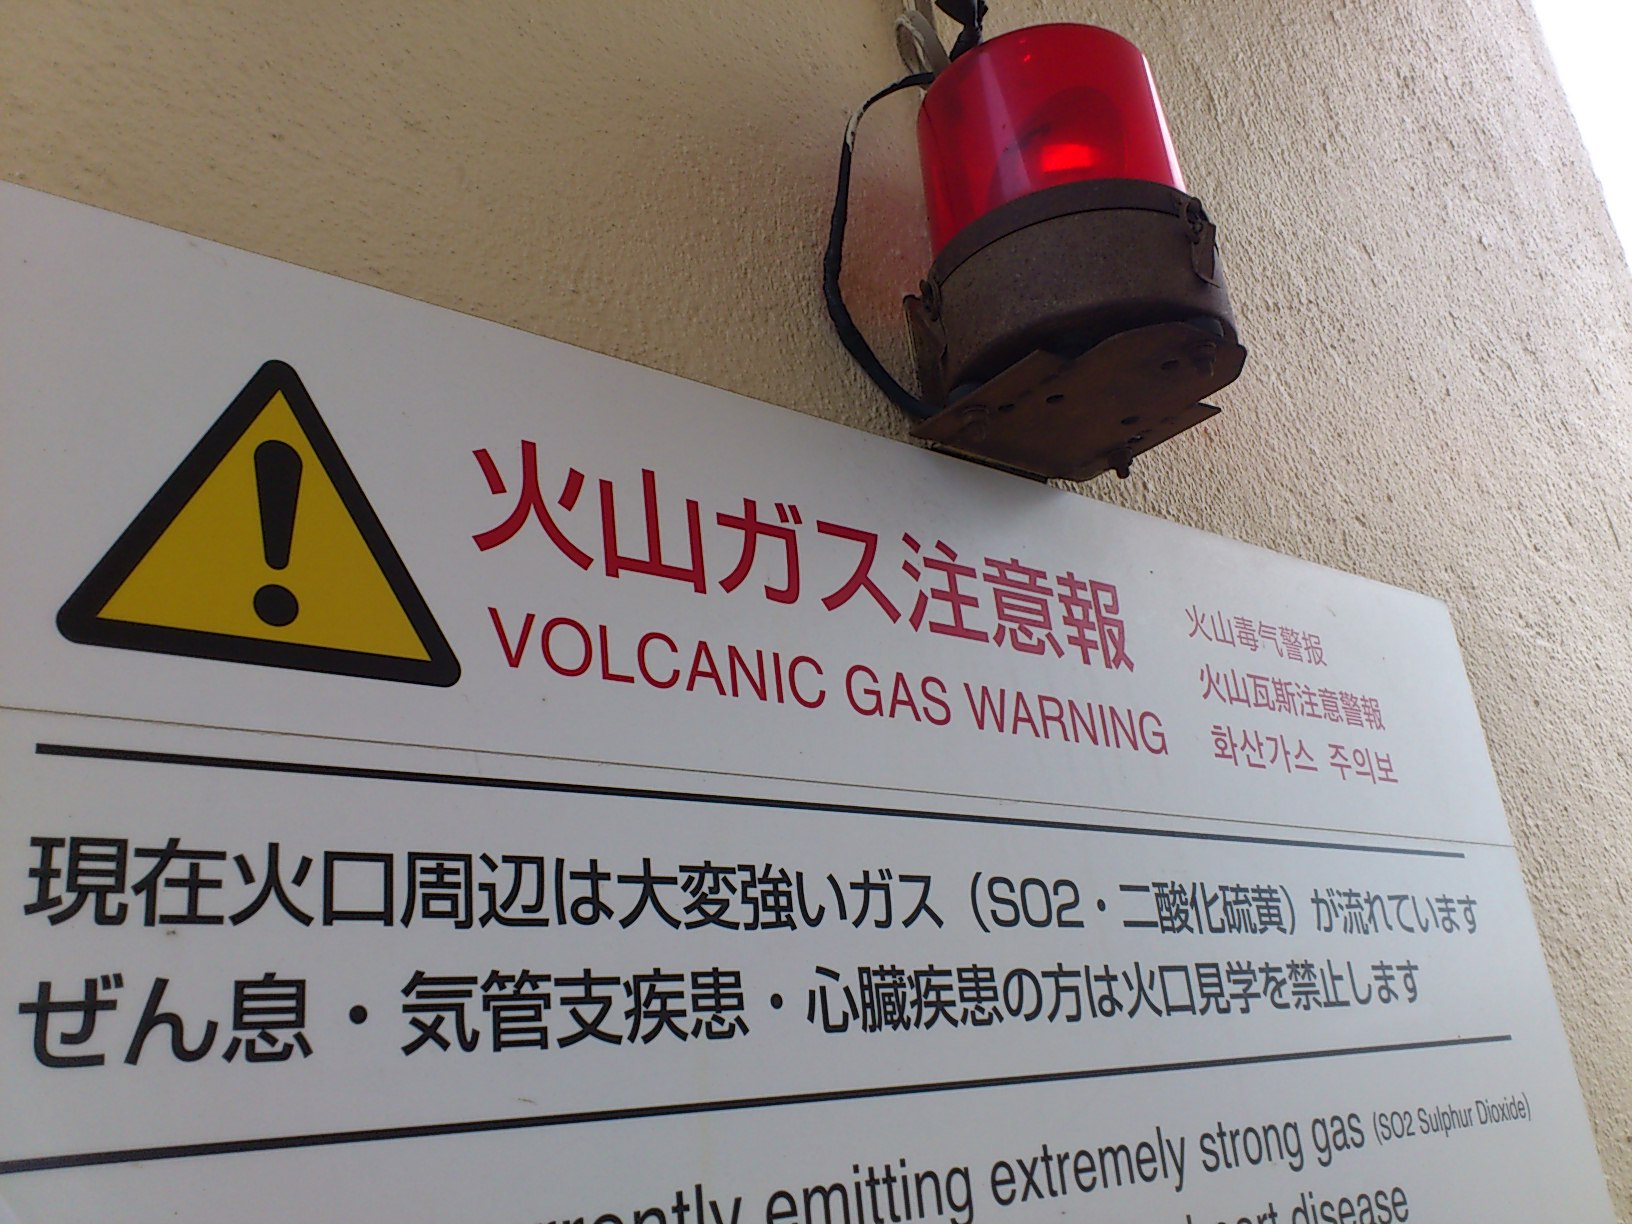 火山ガス注意報